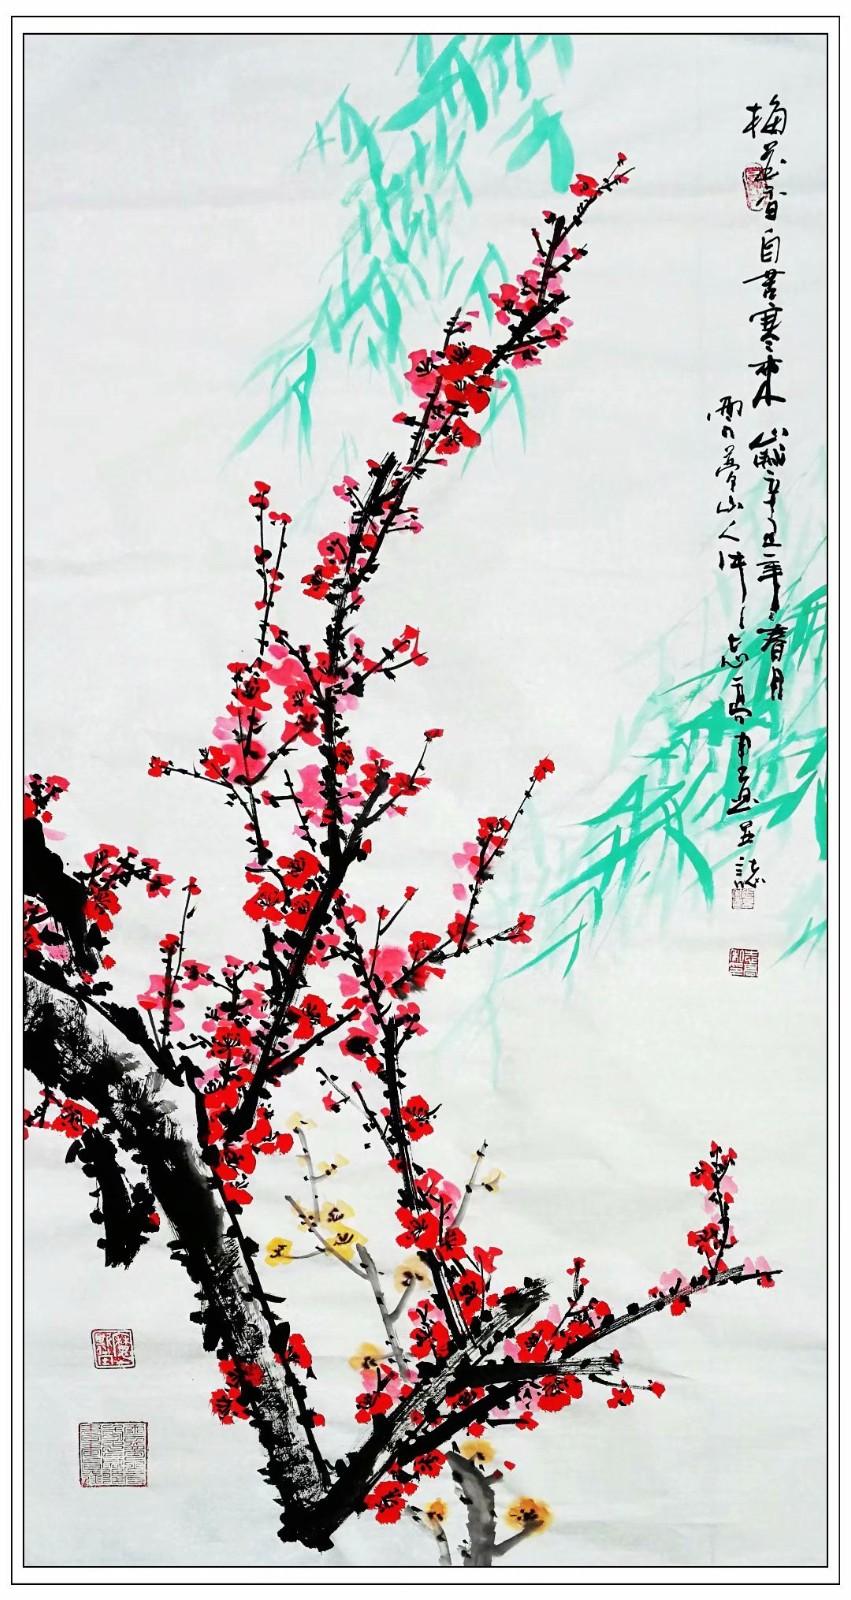 牛志高国画新作品2021.04.29_图1-5